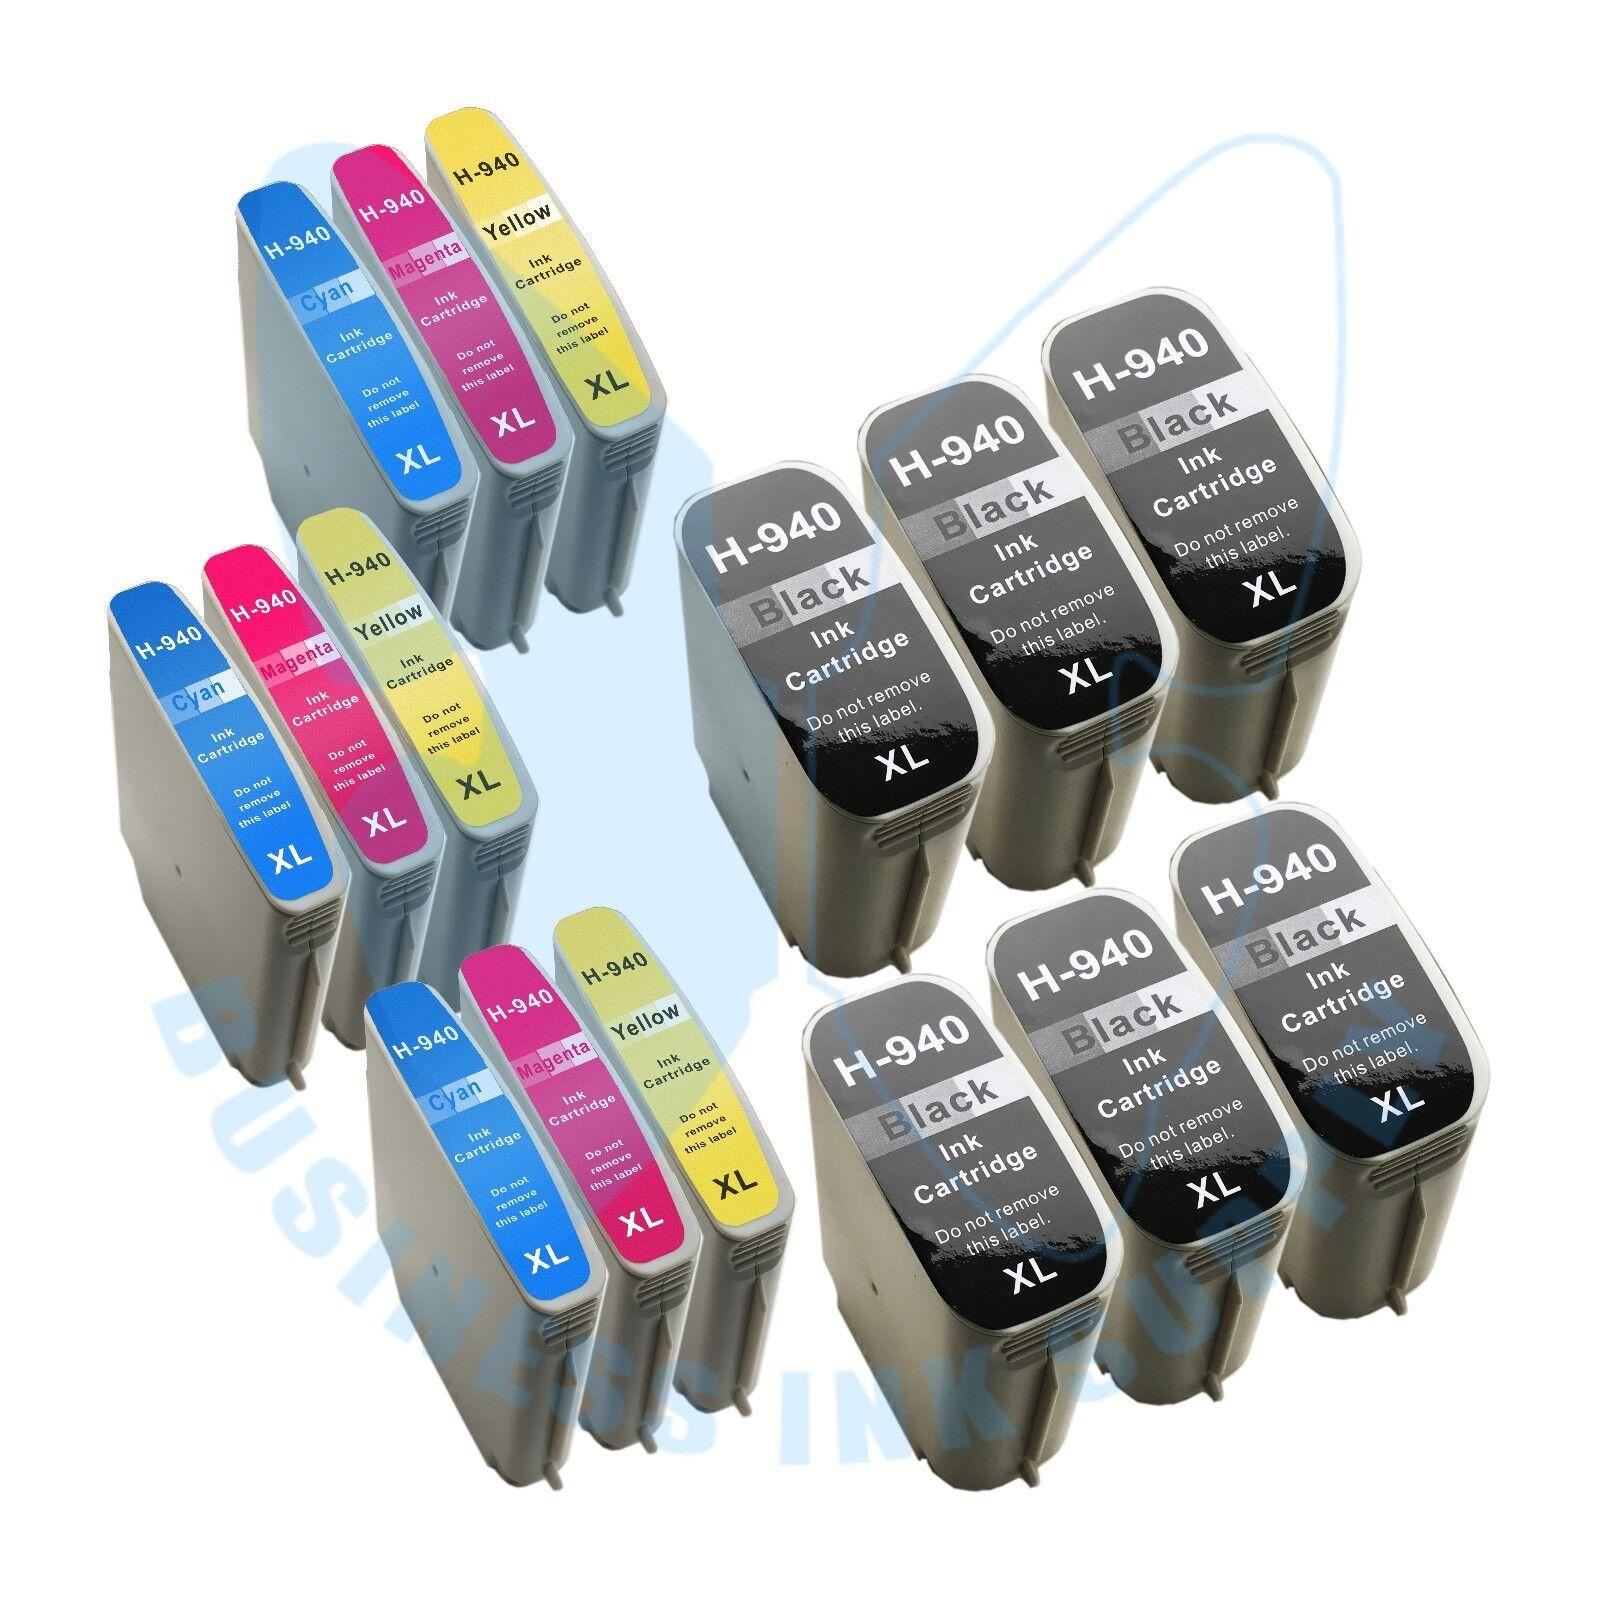 15 Pk 940xl 940 Ink Cartridges For Hp Officejet Pro 8000 ...